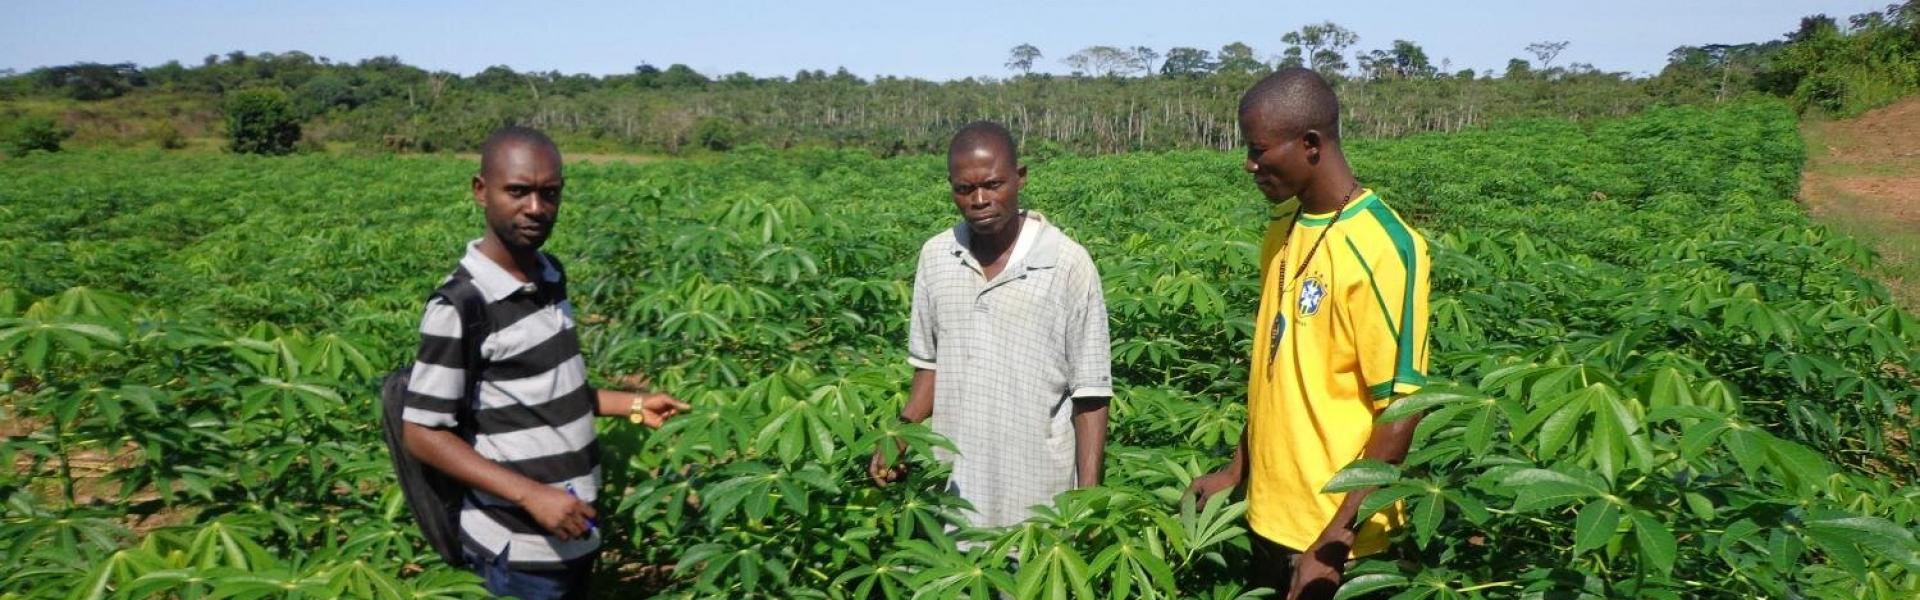 """Résultat de recherche d'images pour """"feuille de manioc agriculture"""""""